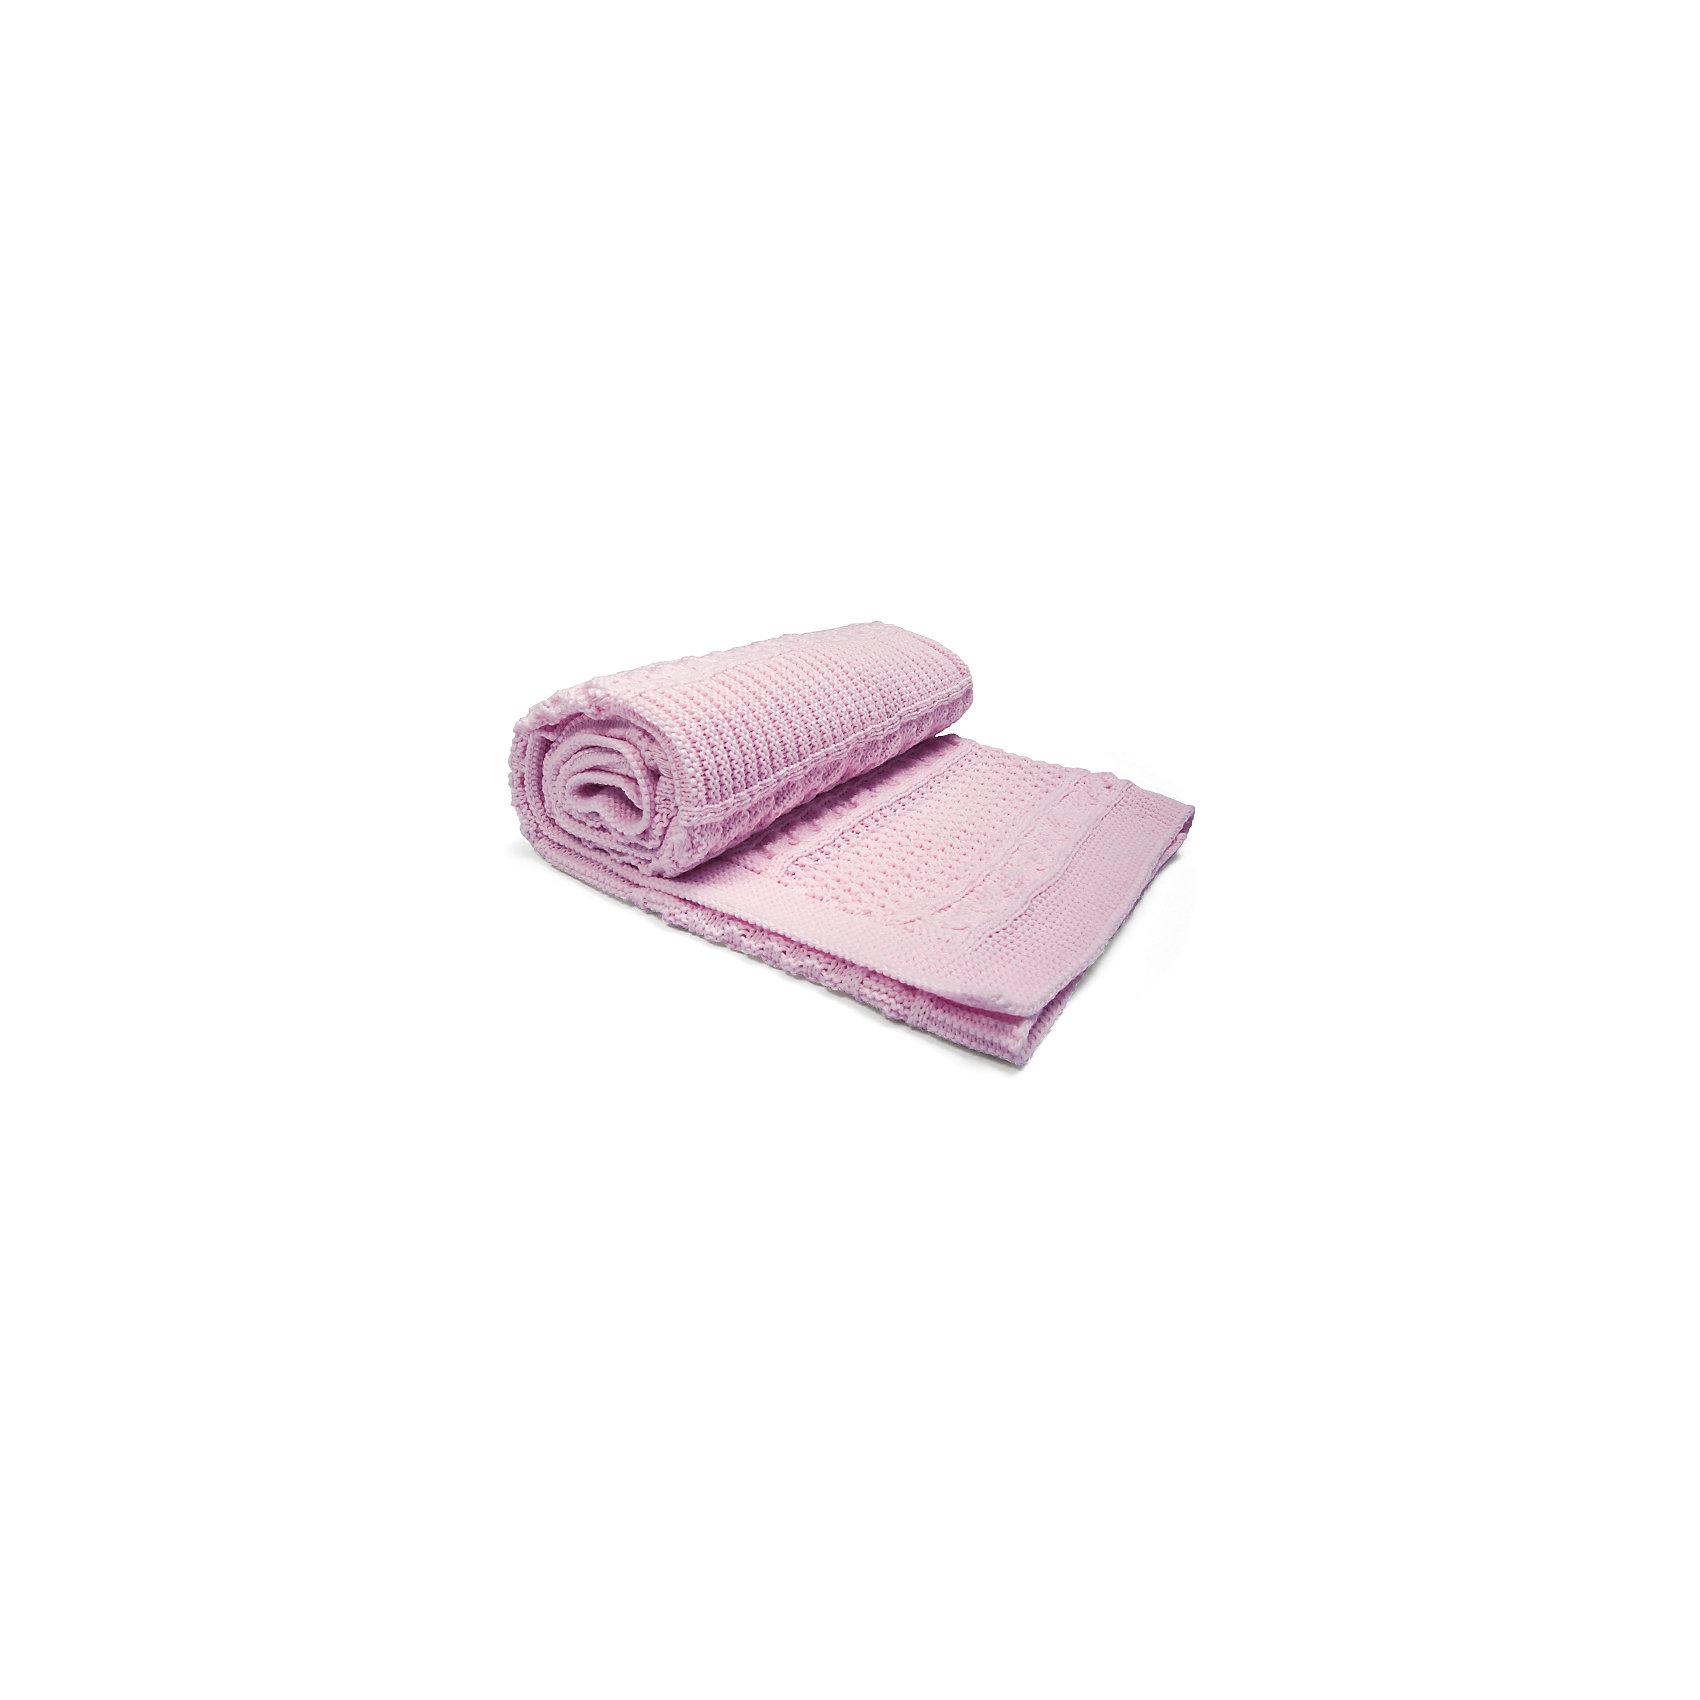 Акушерство. RuПлед вязаный Маленькое счастье, Сонный гномик, розовыйПлед вязаный Маленькое счастье, Сонный гномик, розовый изготовлен из вязаного акрилового полотна, благодаря чему плед хорошо держит форму и обладает воздухопроницаемыми свойствами. Изделие связано в классических узорах из сочетания кос и рельефной вязки, что придает пледу изысканный вид. Вязаный плед розового цвета будет идеальным решением для выписки в летний период. Размеры изделия 90*90 см позволяют его использовать в качестве легкого одеяла для сна, когда ребенок подрастет. <br><br>Дополнительная информация:<br><br>- Предназначение: для прогулки, на выписку, для сна<br>- Сезон: лето<br>- Материал: вязаное полотно из акрила<br>- Пол: для девочки<br>- Цвет: розовый<br>- Размеры (Д*Ш*Д): 25*5*30 см<br>- Вес: 350 г<br>- Особенности ухода: разрешается стирка при температуре не более 30 градусов, запрещается использовать химические отбеливатели<br><br>Подробнее:<br><br>• Для детей в возрасте от 0 месяцев и до 4 лет<br>• Страна производитель: Россия<br>• Торговый бренд: Сонный гномик<br><br>Плед вязаный Маленькое счастье, Сонный гномик, розовый можно купить в нашем интернет-магазине.<br><br>Ширина мм: 250<br>Глубина мм: 50<br>Высота мм: 300<br>Вес г: 350<br>Возраст от месяцев: 0<br>Возраст до месяцев: 48<br>Пол: Женский<br>Возраст: Детский<br>SKU: 4922738